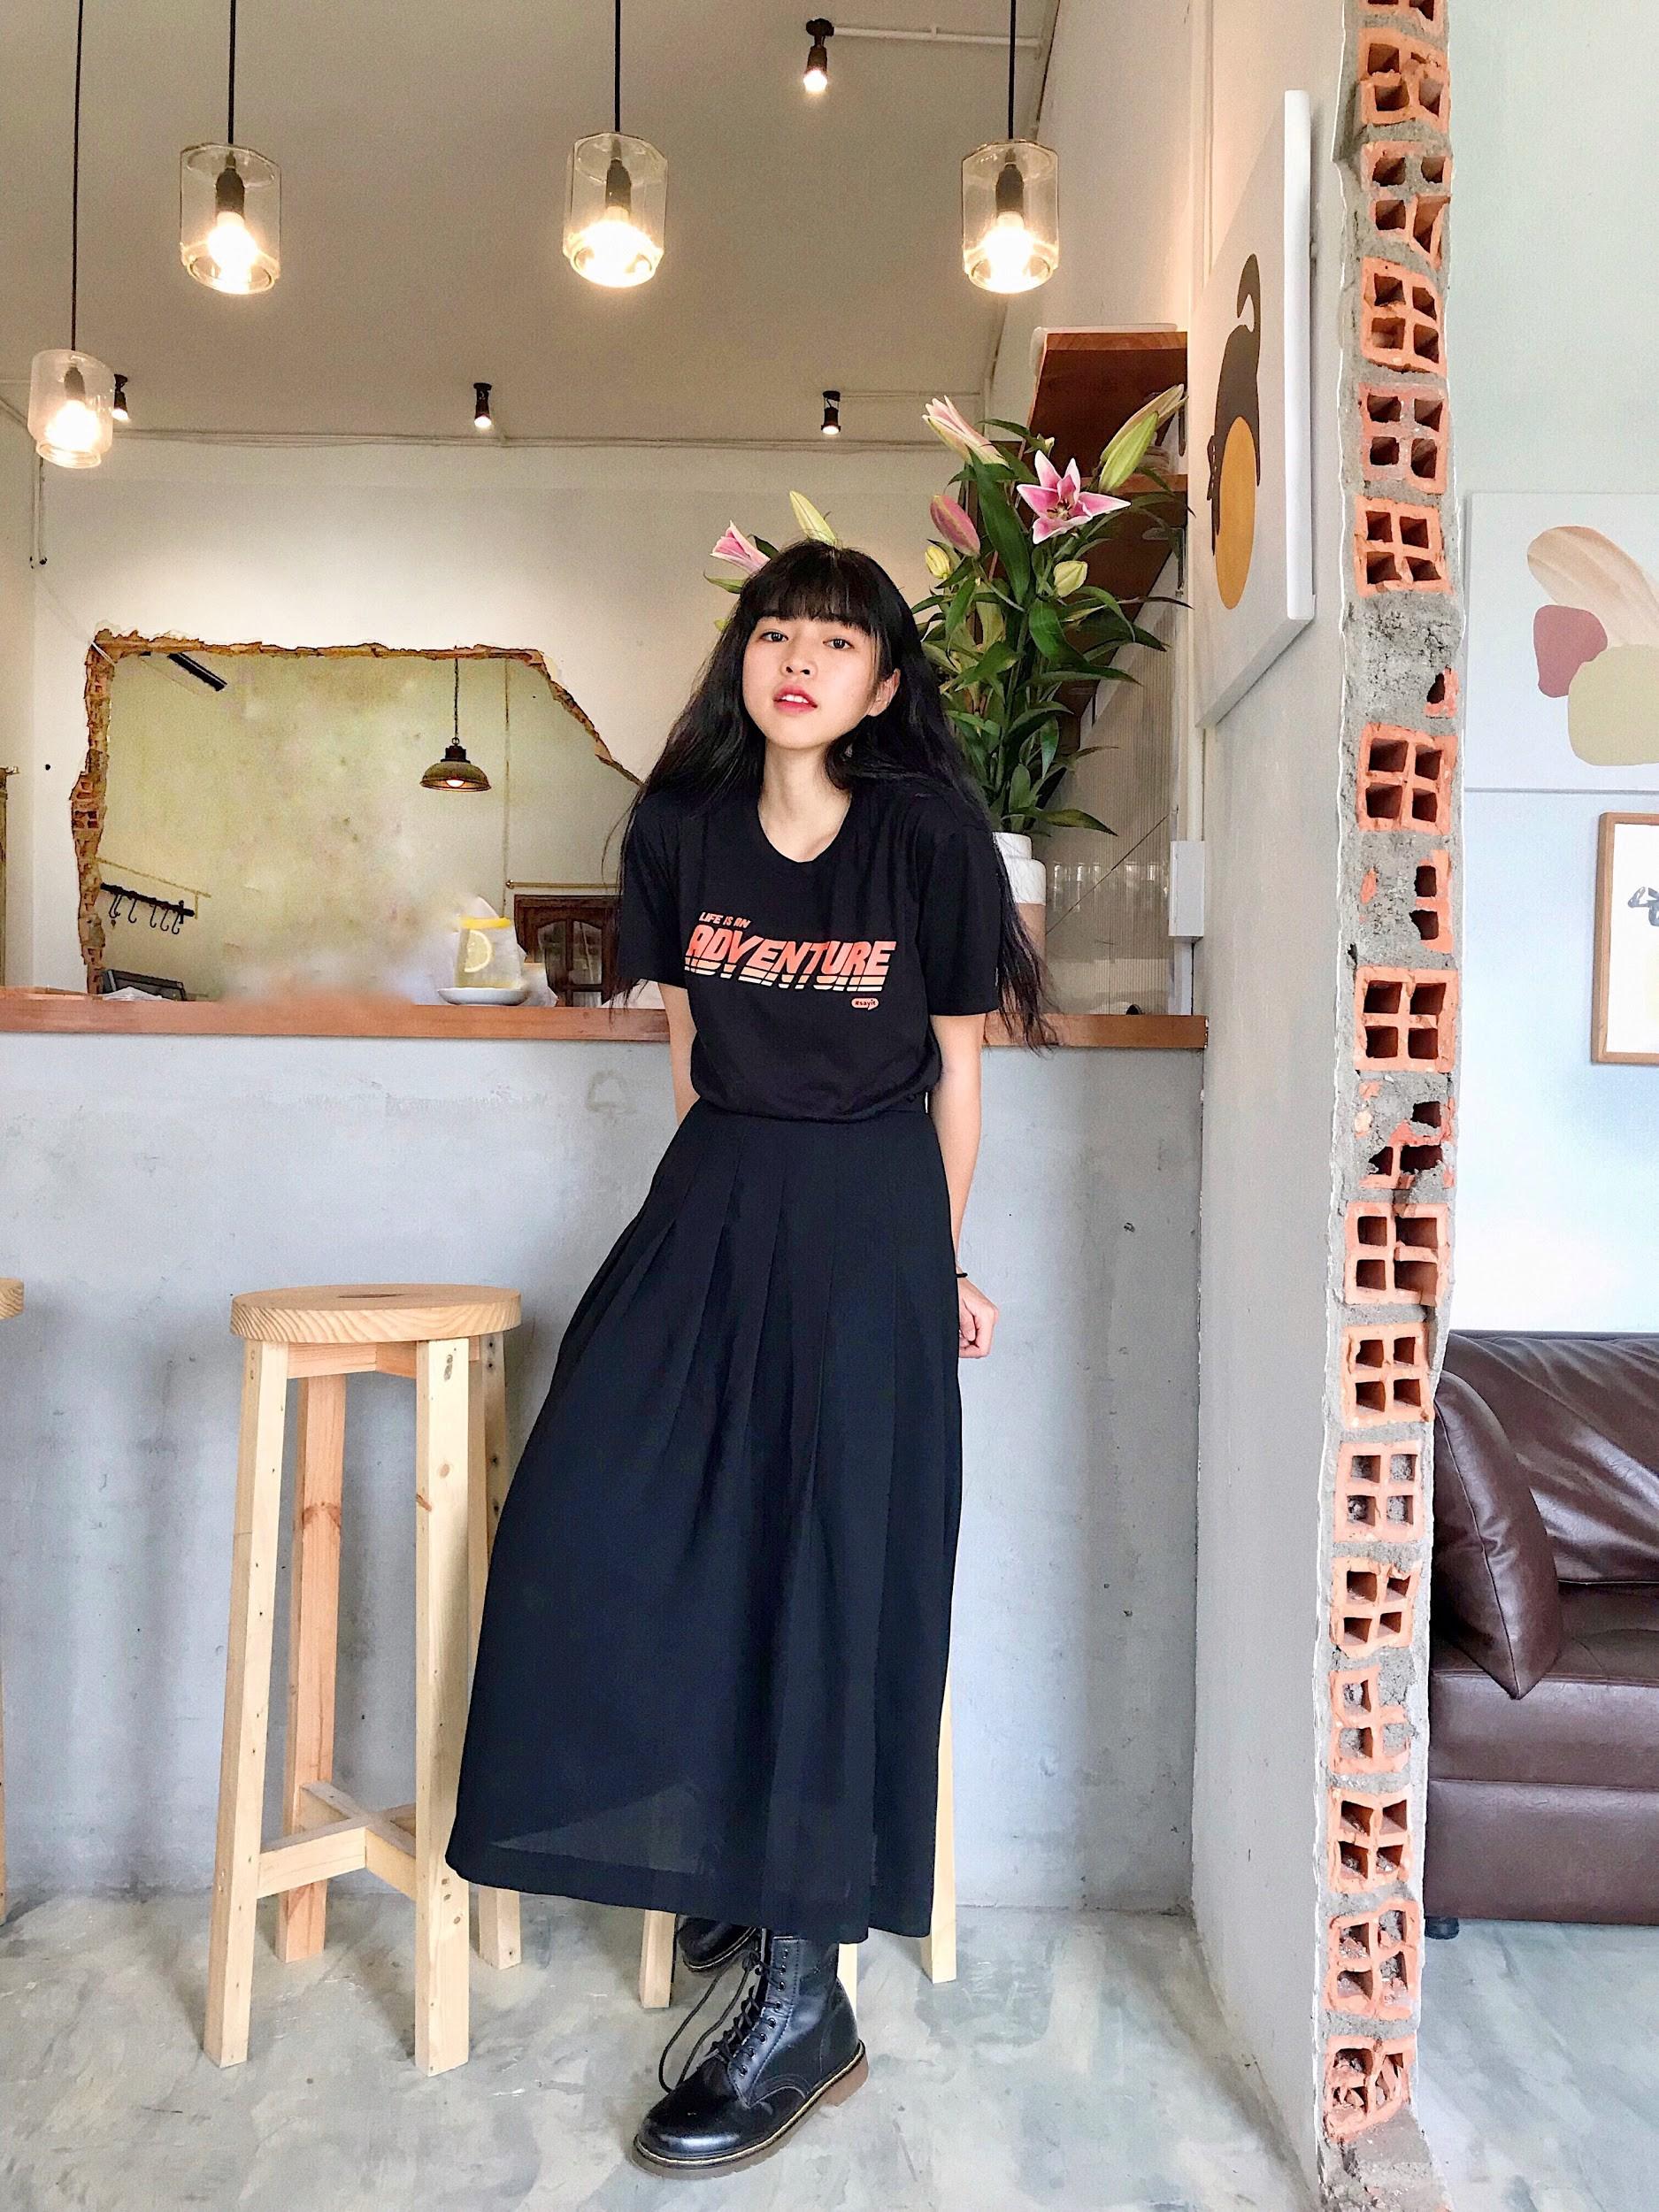 Cùng đi công tác, cùng mặc áo phông #sayit nhưng Giang Ơi và Khánh Linh lại mix đồ khác nhau một trời một vực - Ảnh 9.